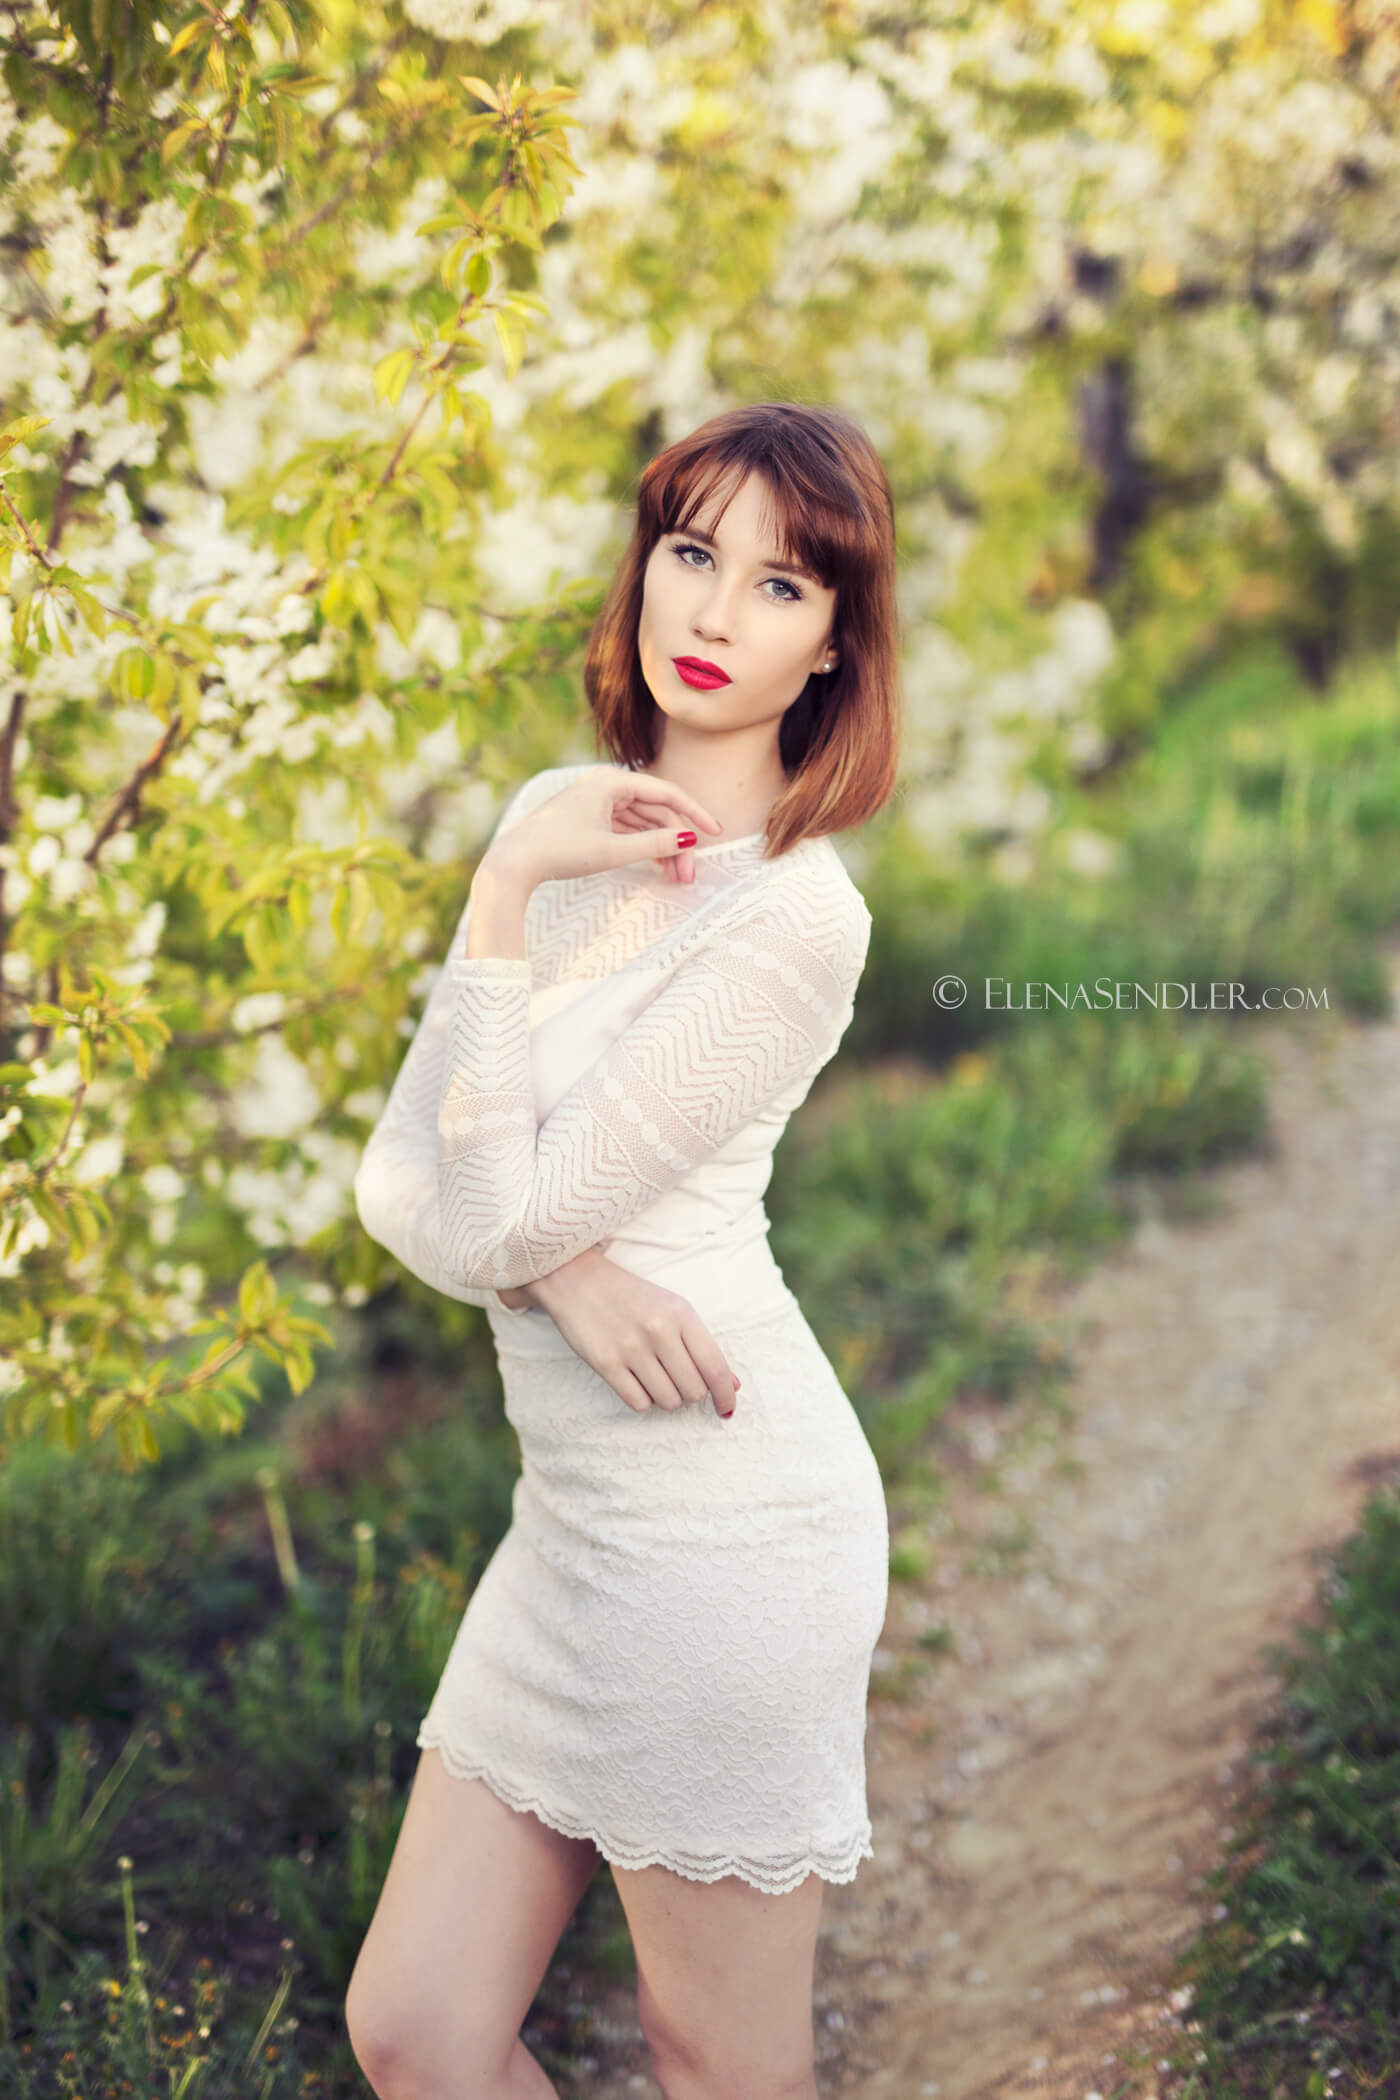 Elena_Sendler_Zala_Zagoricnik_green_spring_4